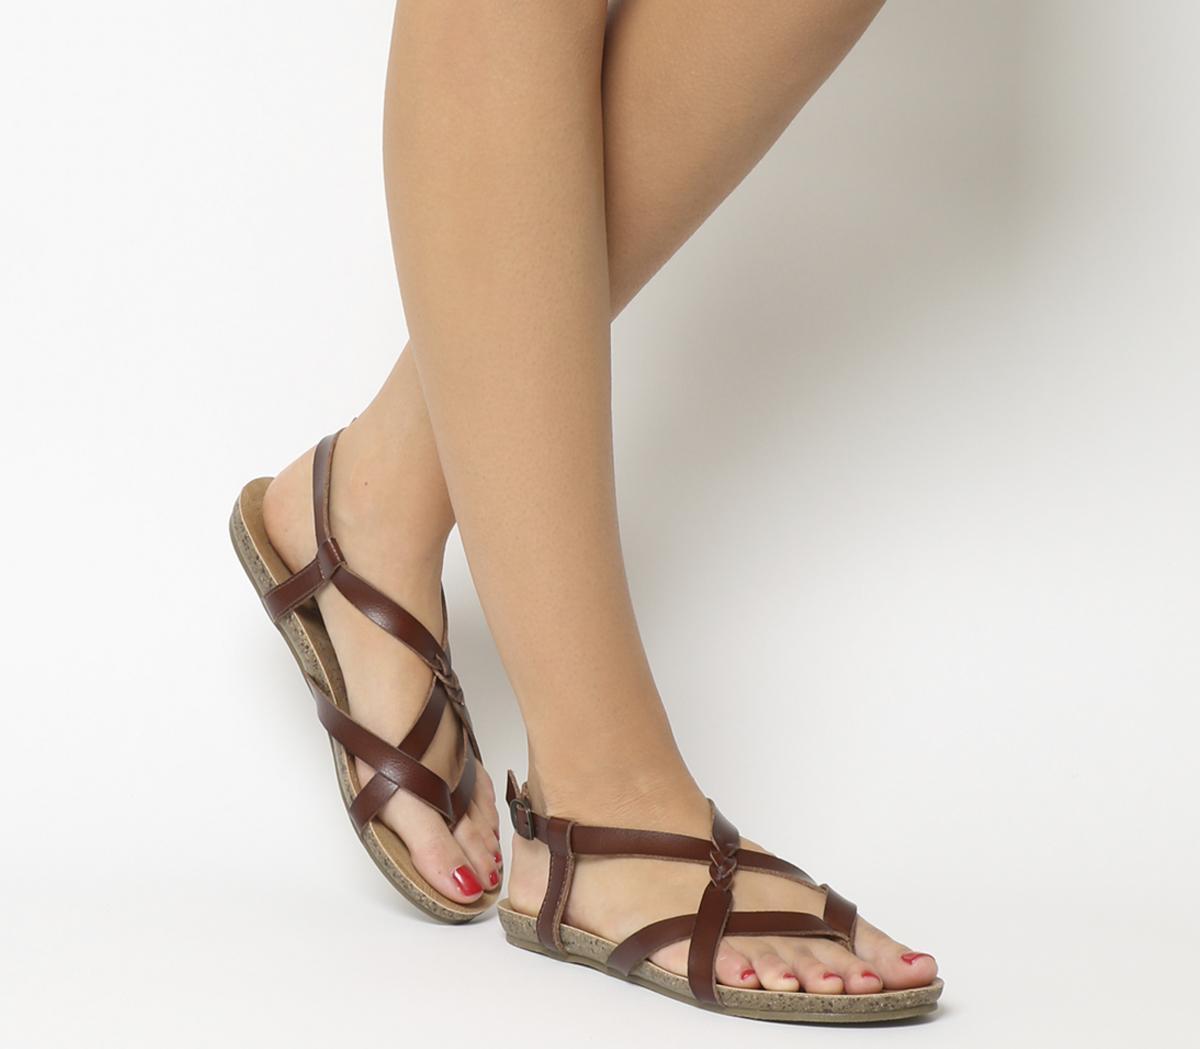 Granola B Sandals